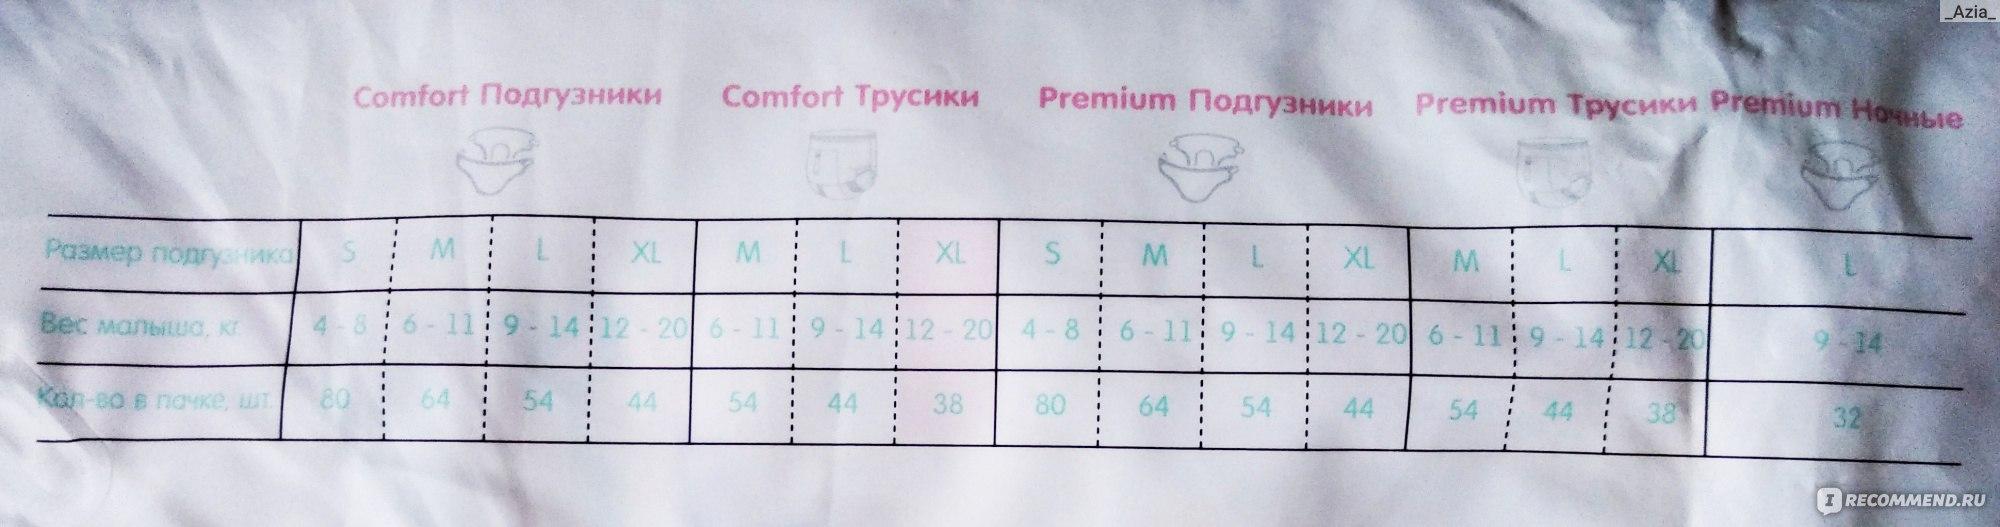 Подгузники nappyclub premium отзывы